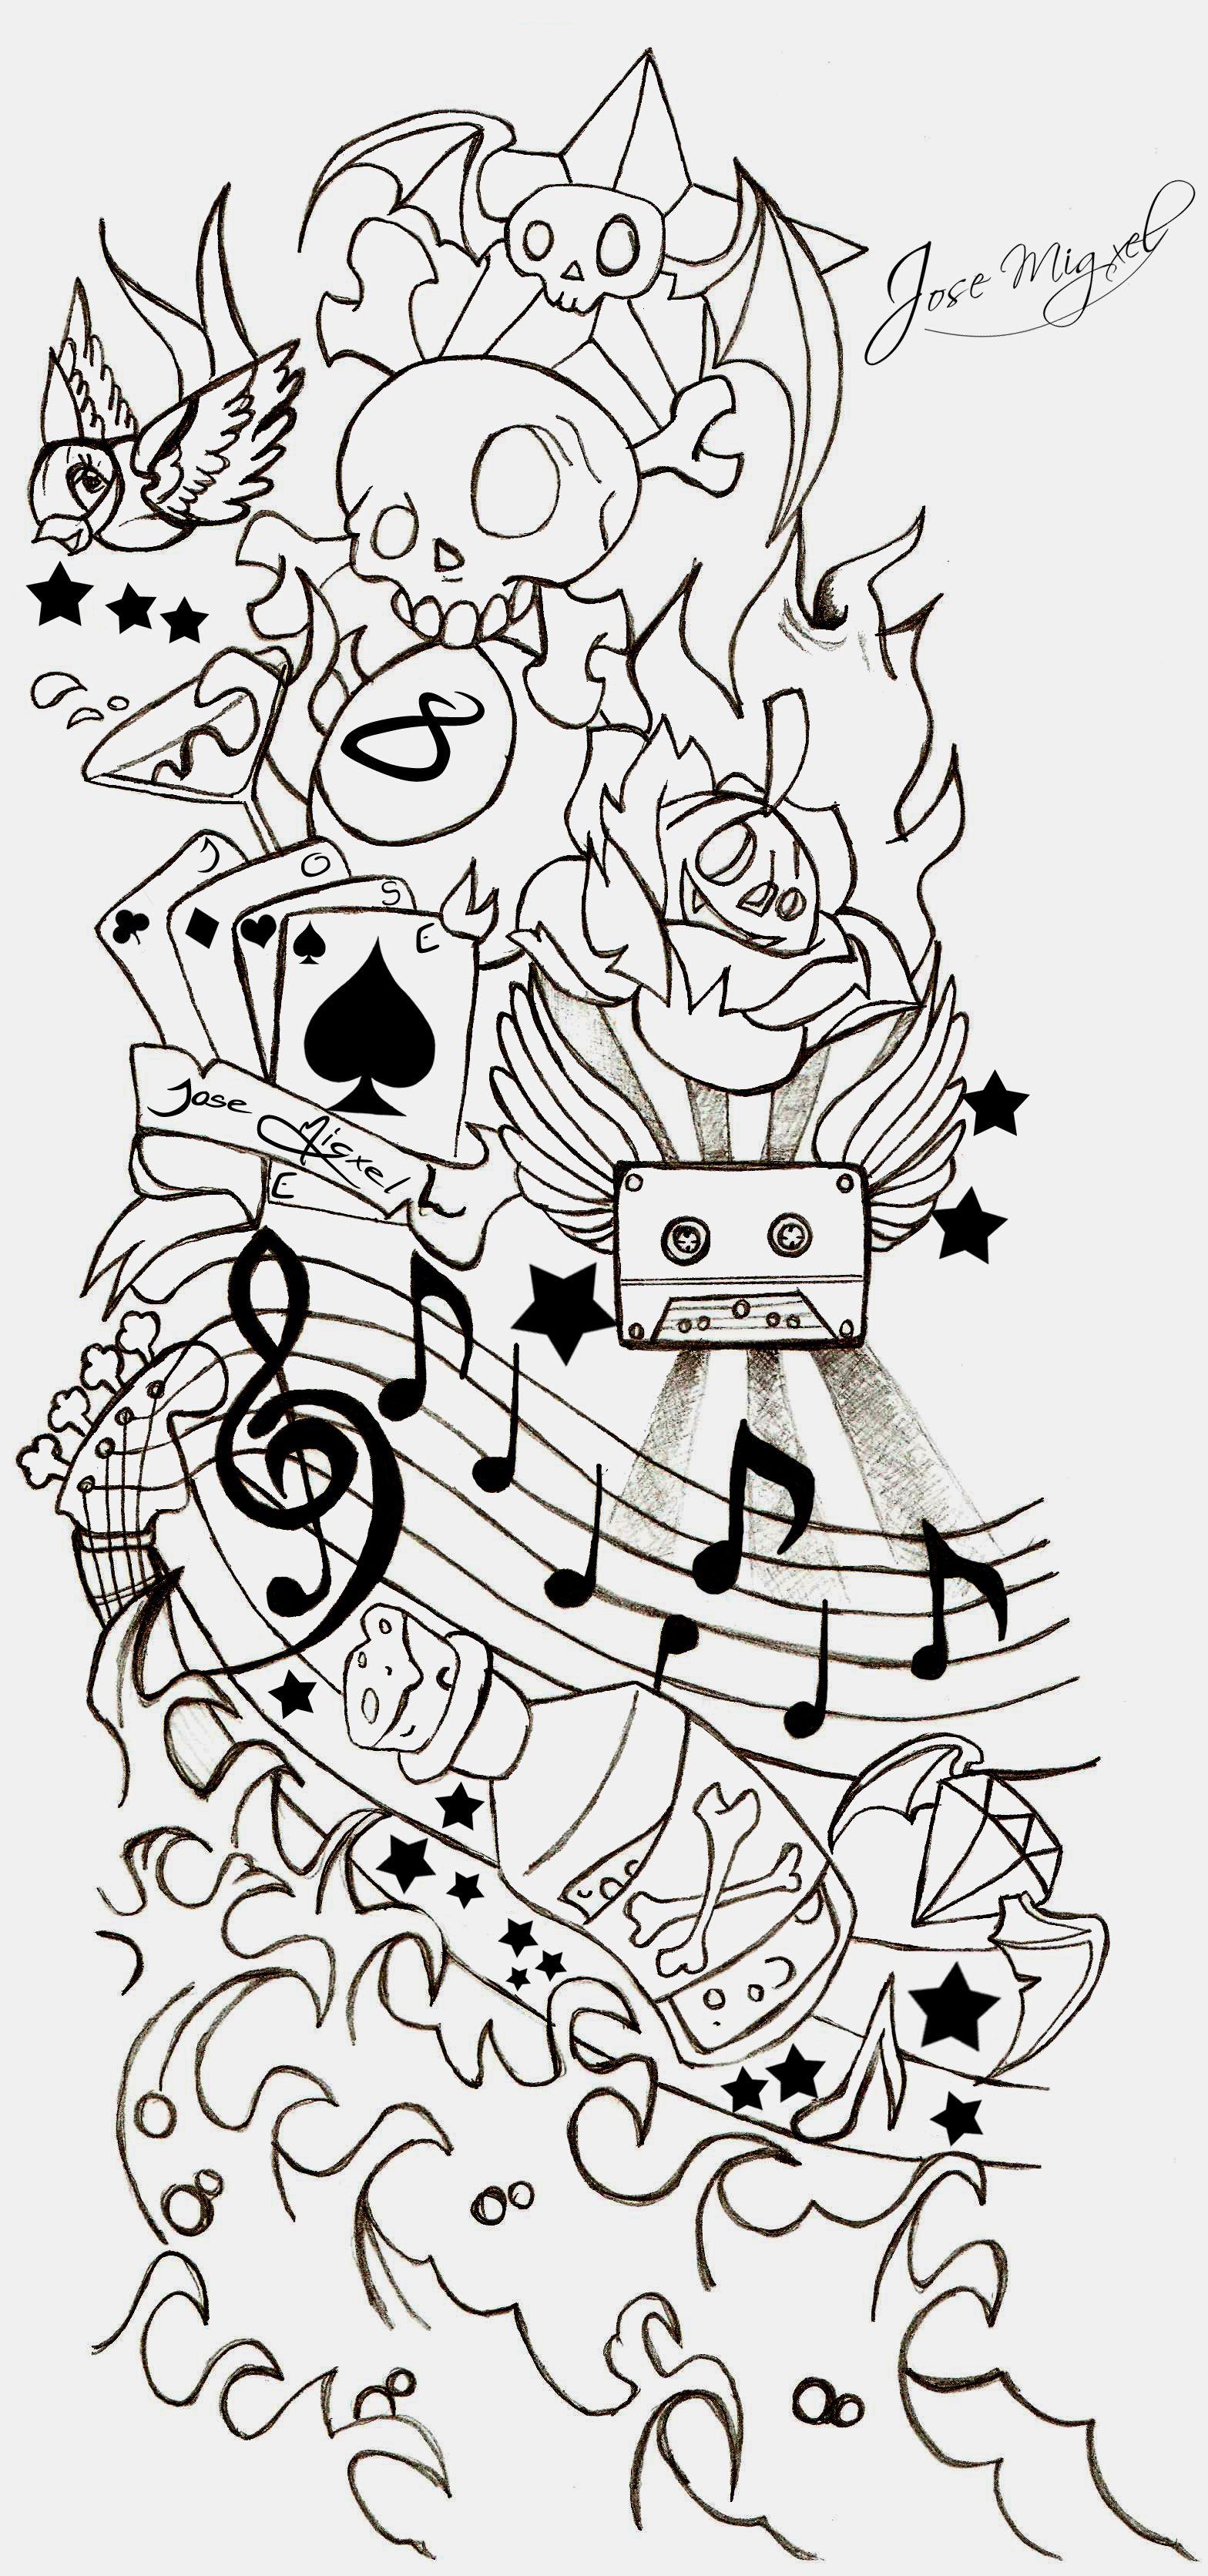 musicnotesandgamblingsleevetattoodesign.jpg (1568